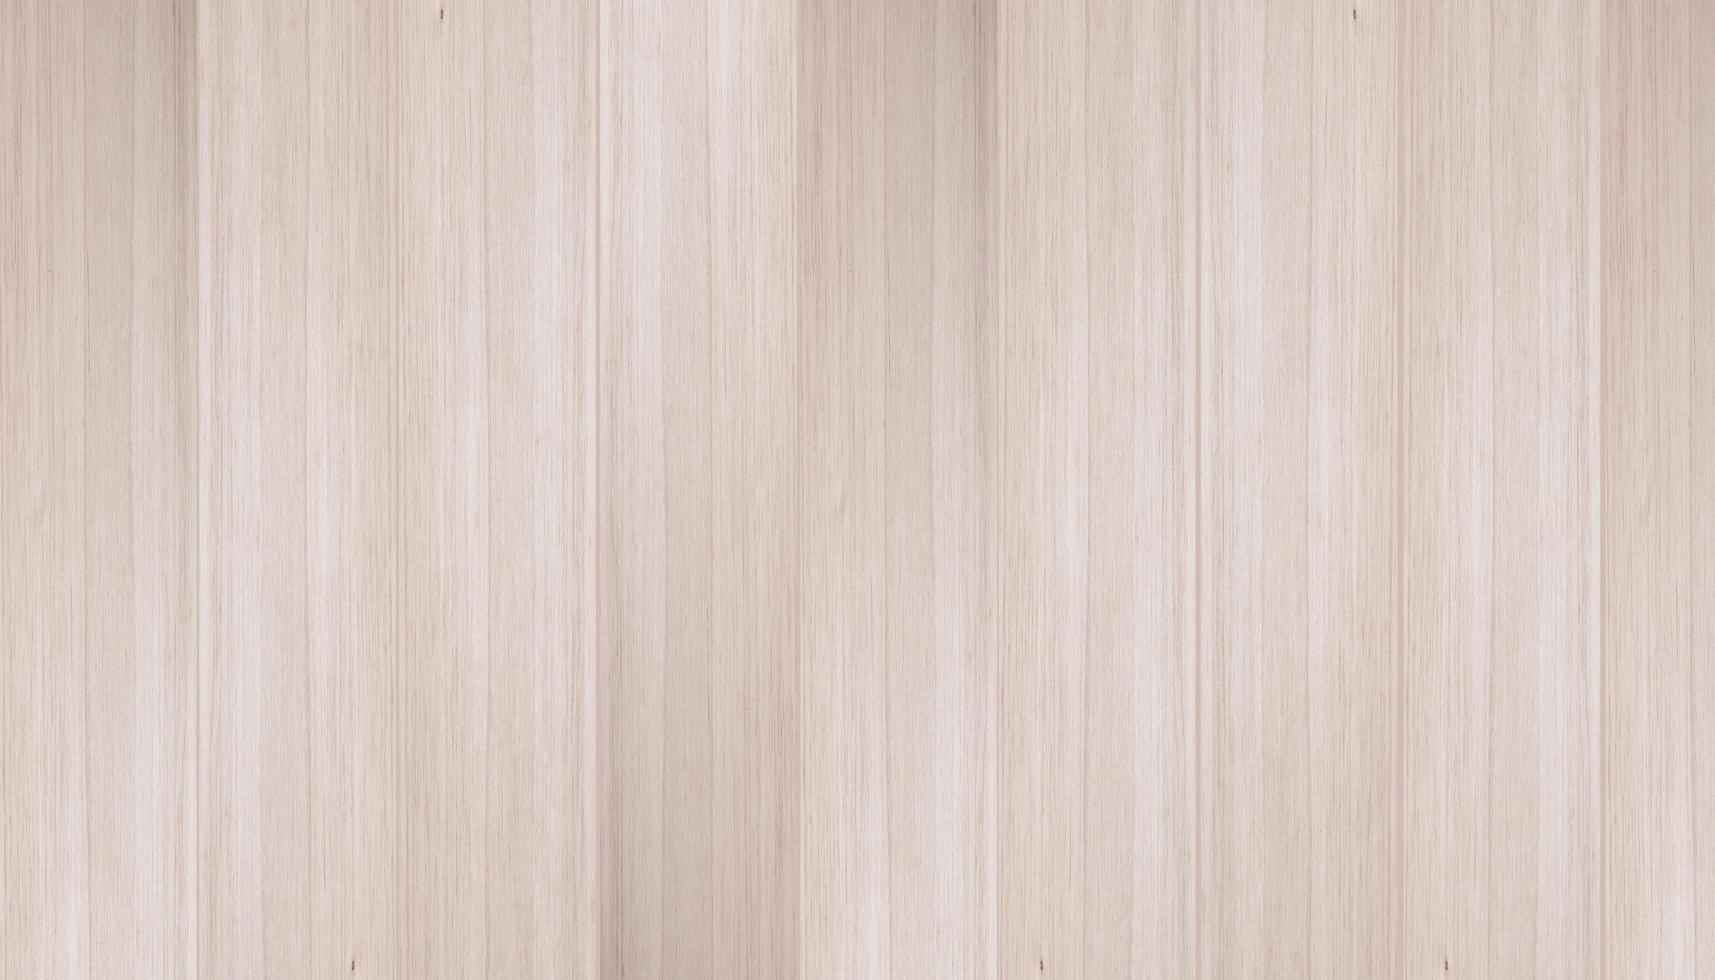 lichte houtstructuur foto